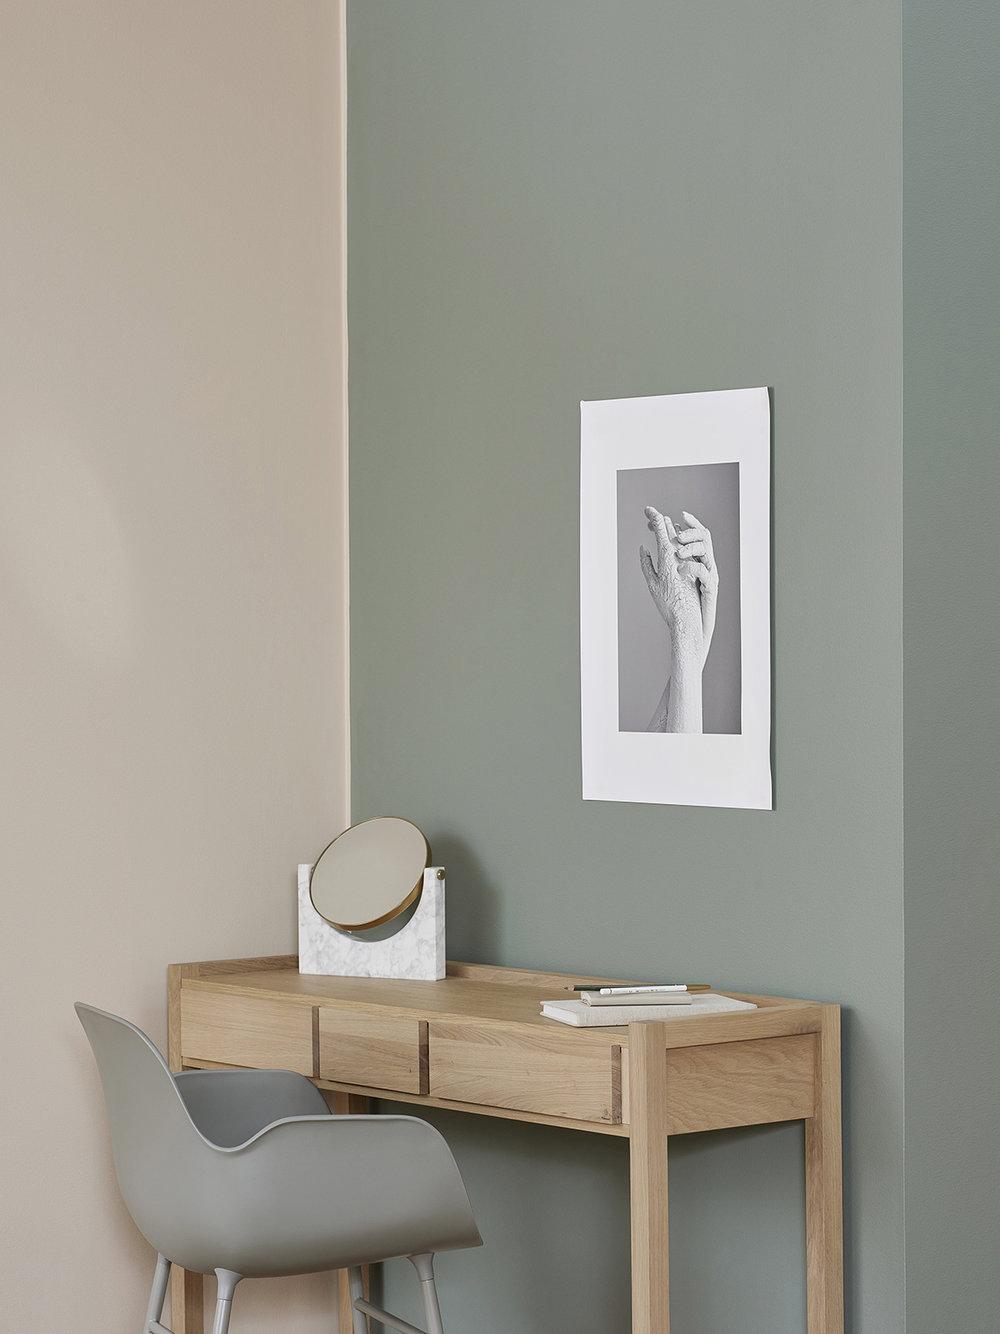 Styling and photography by Riikka Kantinkoski